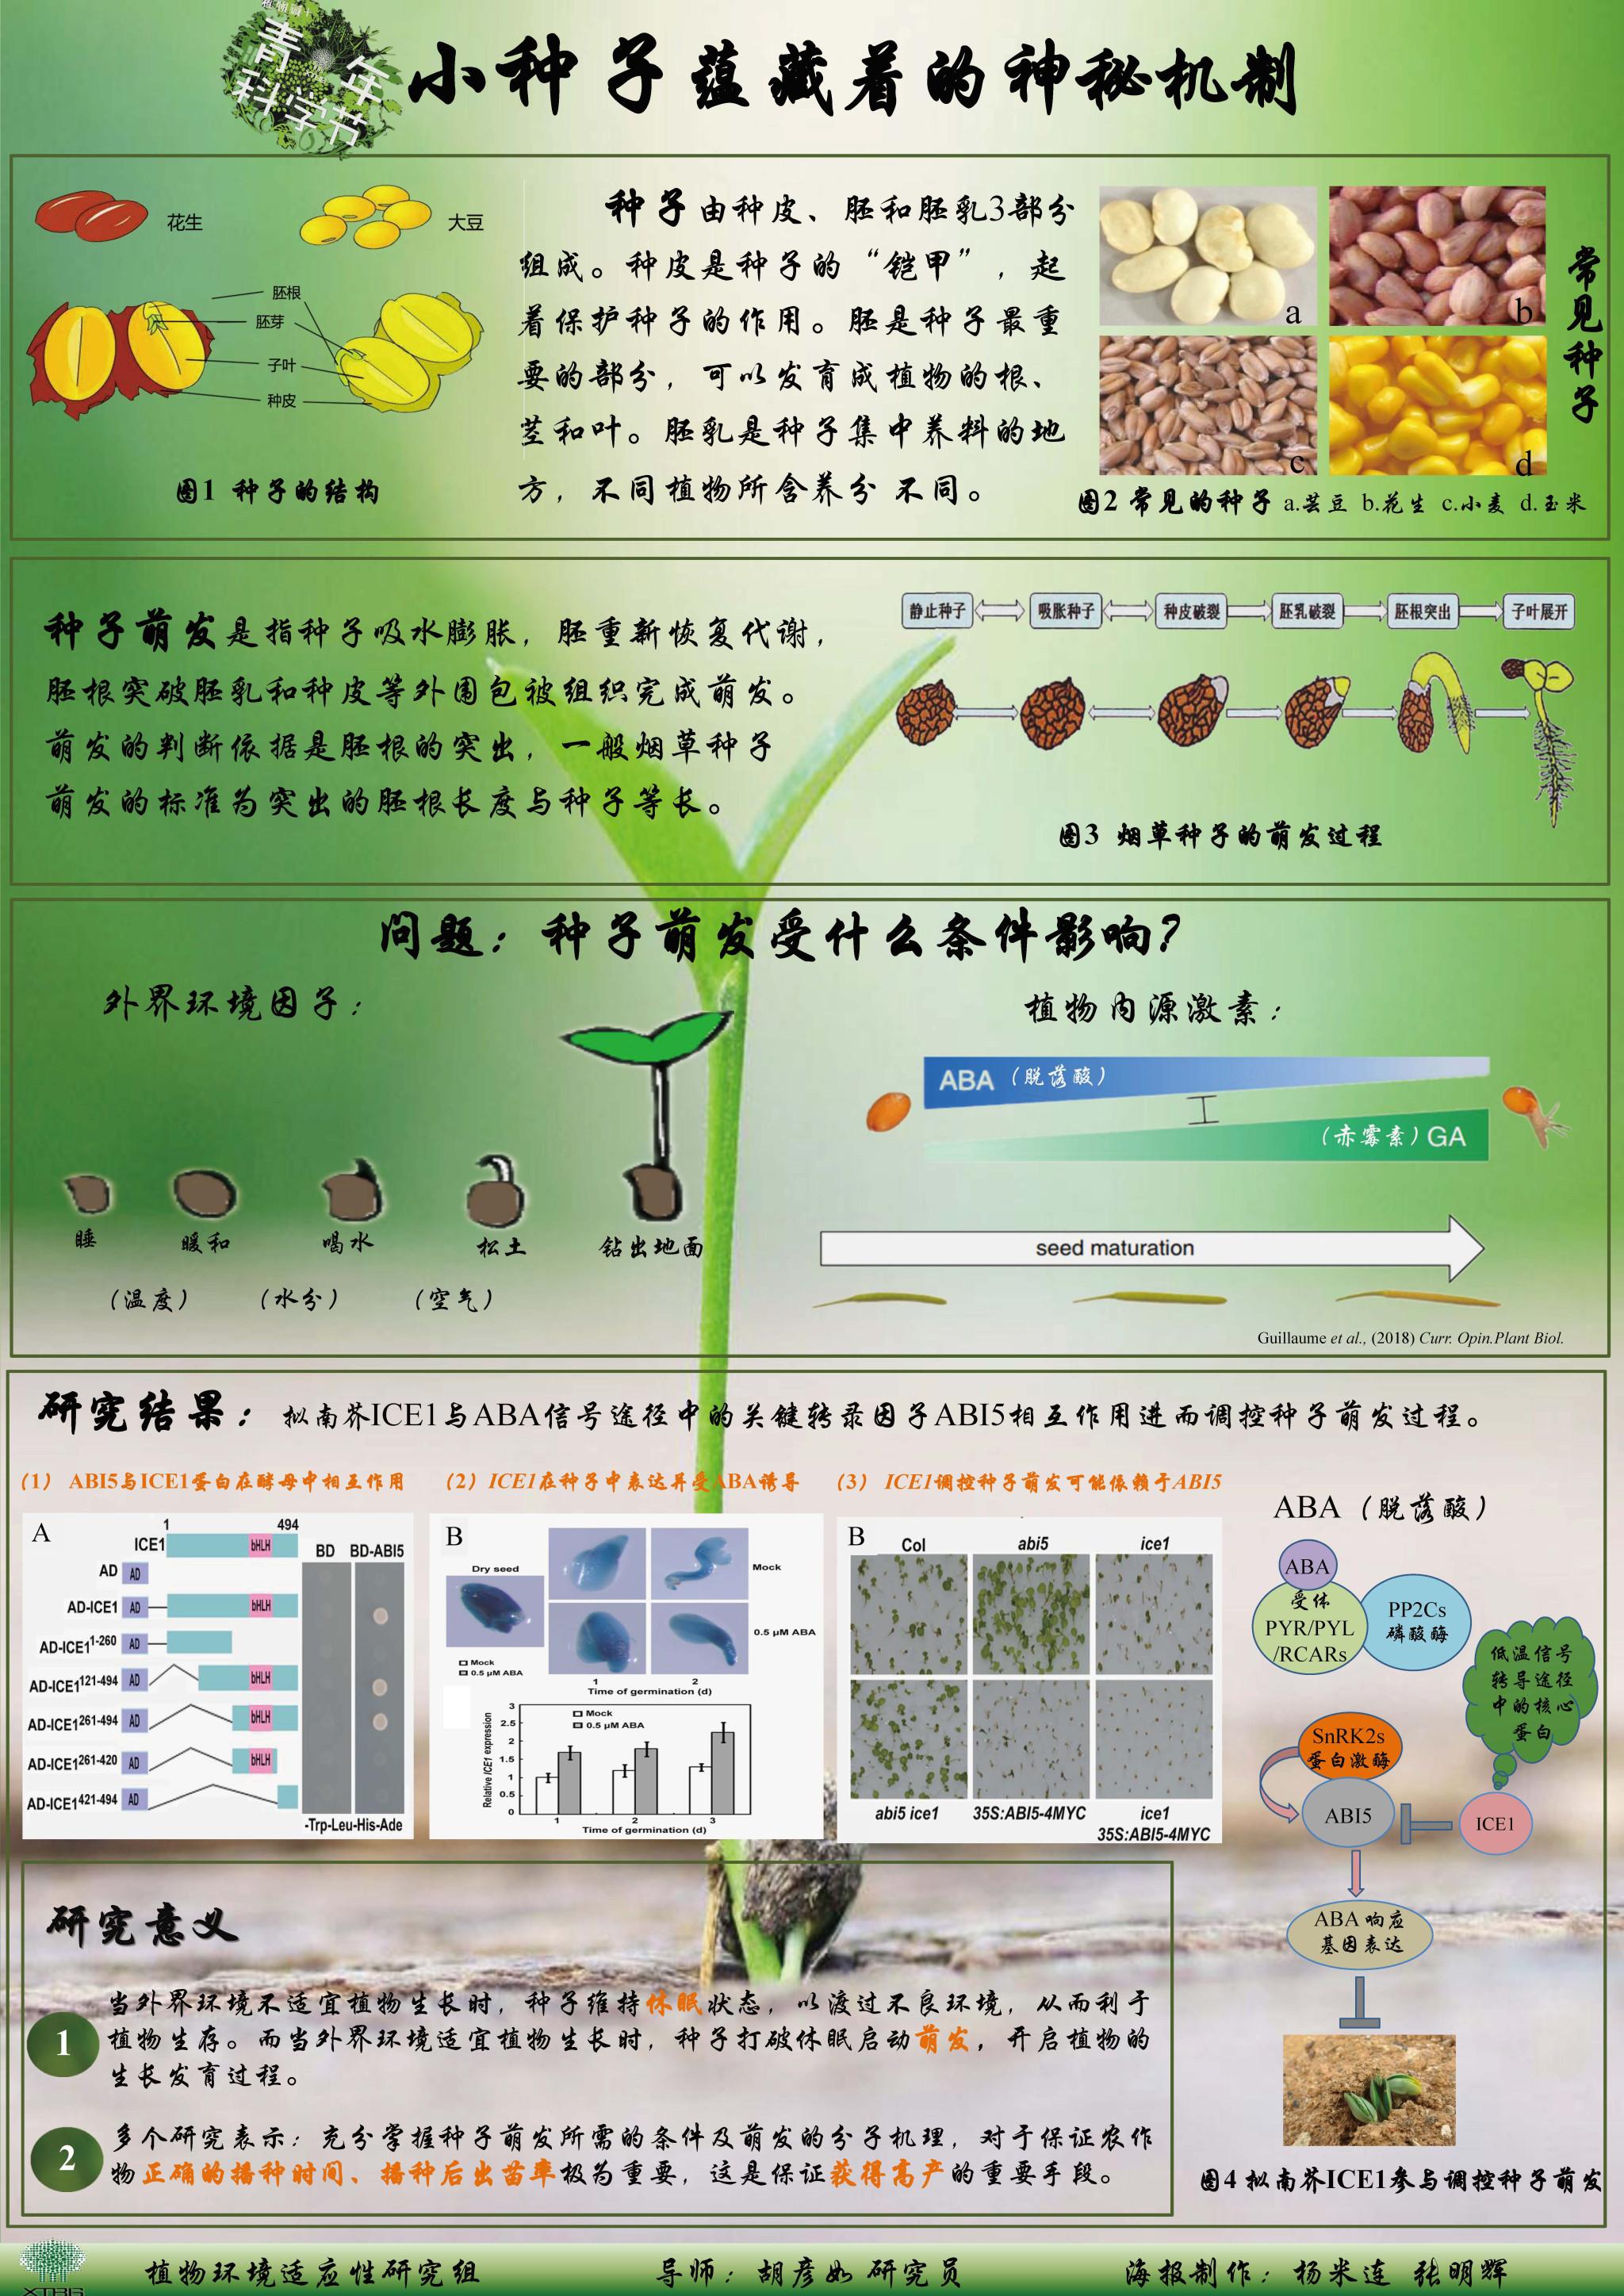 小种子蕴藏着的神秘机制(作者:杨米连&张明辉)